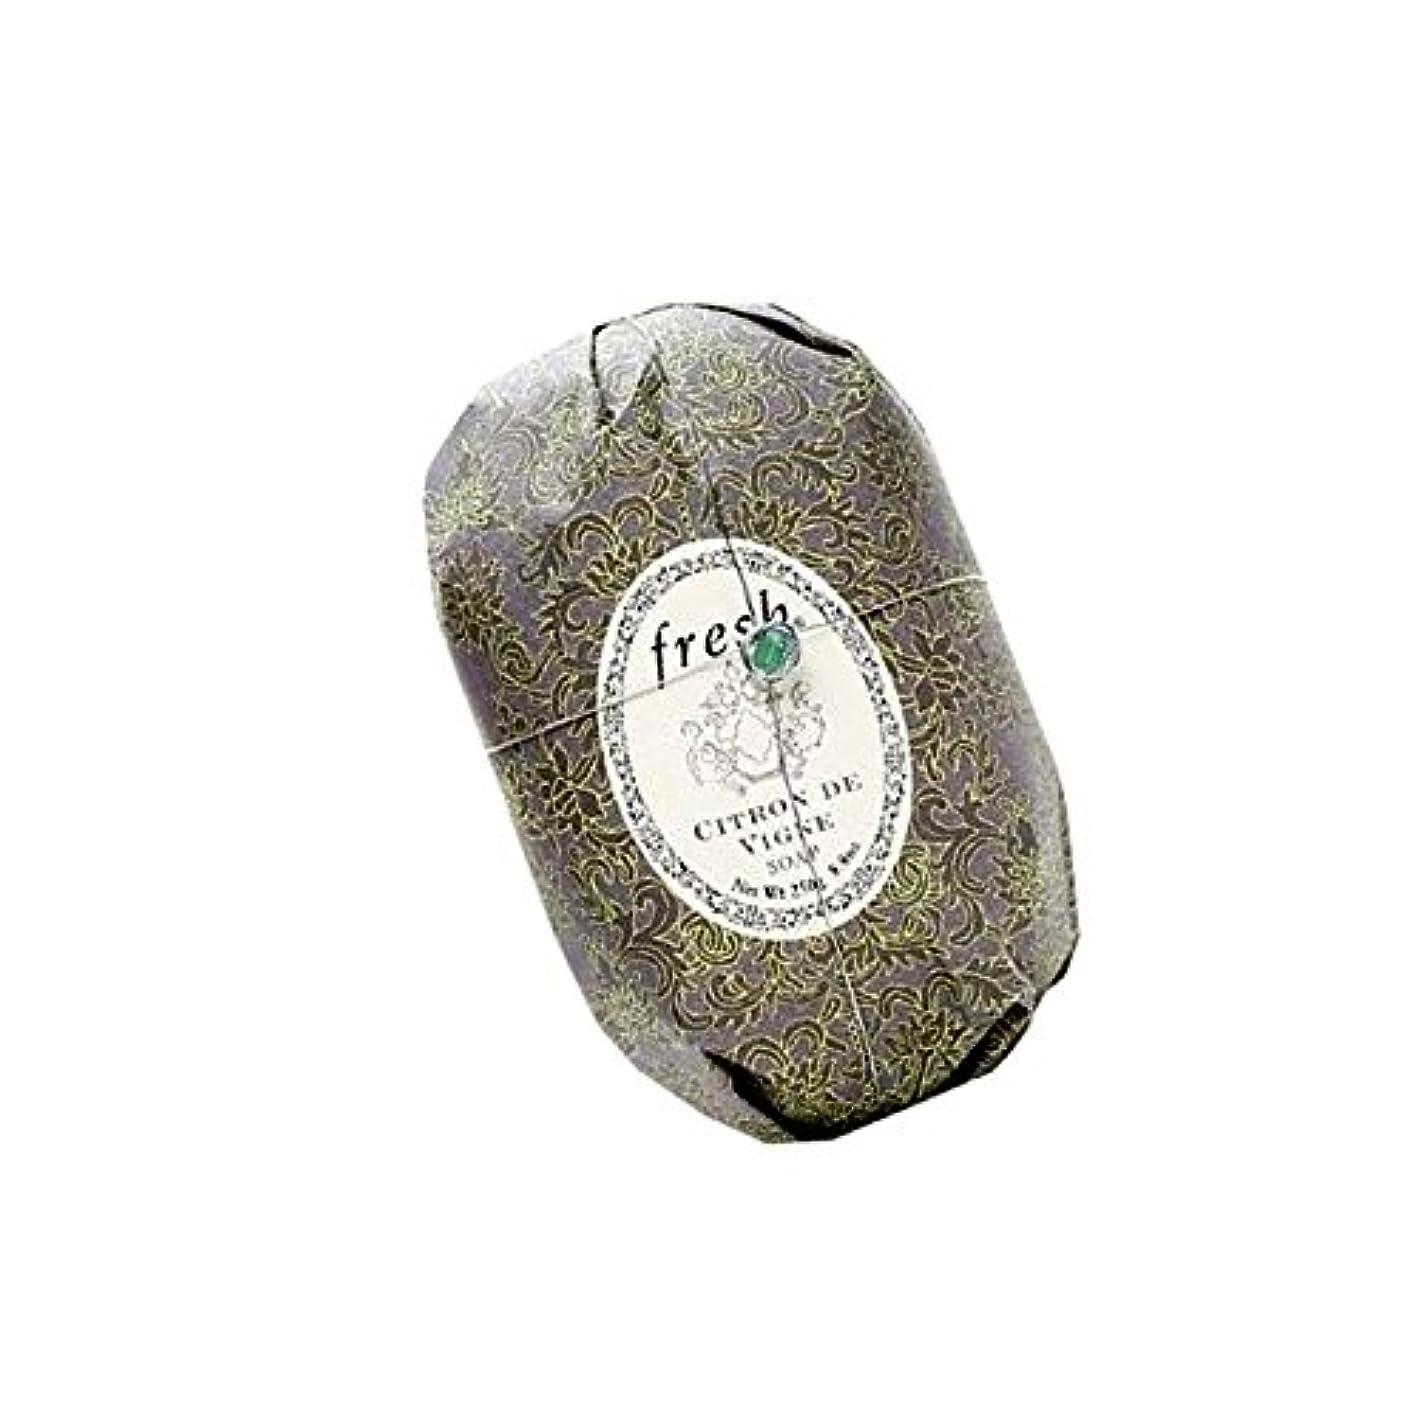 再現する容赦ないタワーFresh フレッシュ Citron de Vigne Soap 石鹸, 250g/8.8oz. [海外直送品] [並行輸入品]